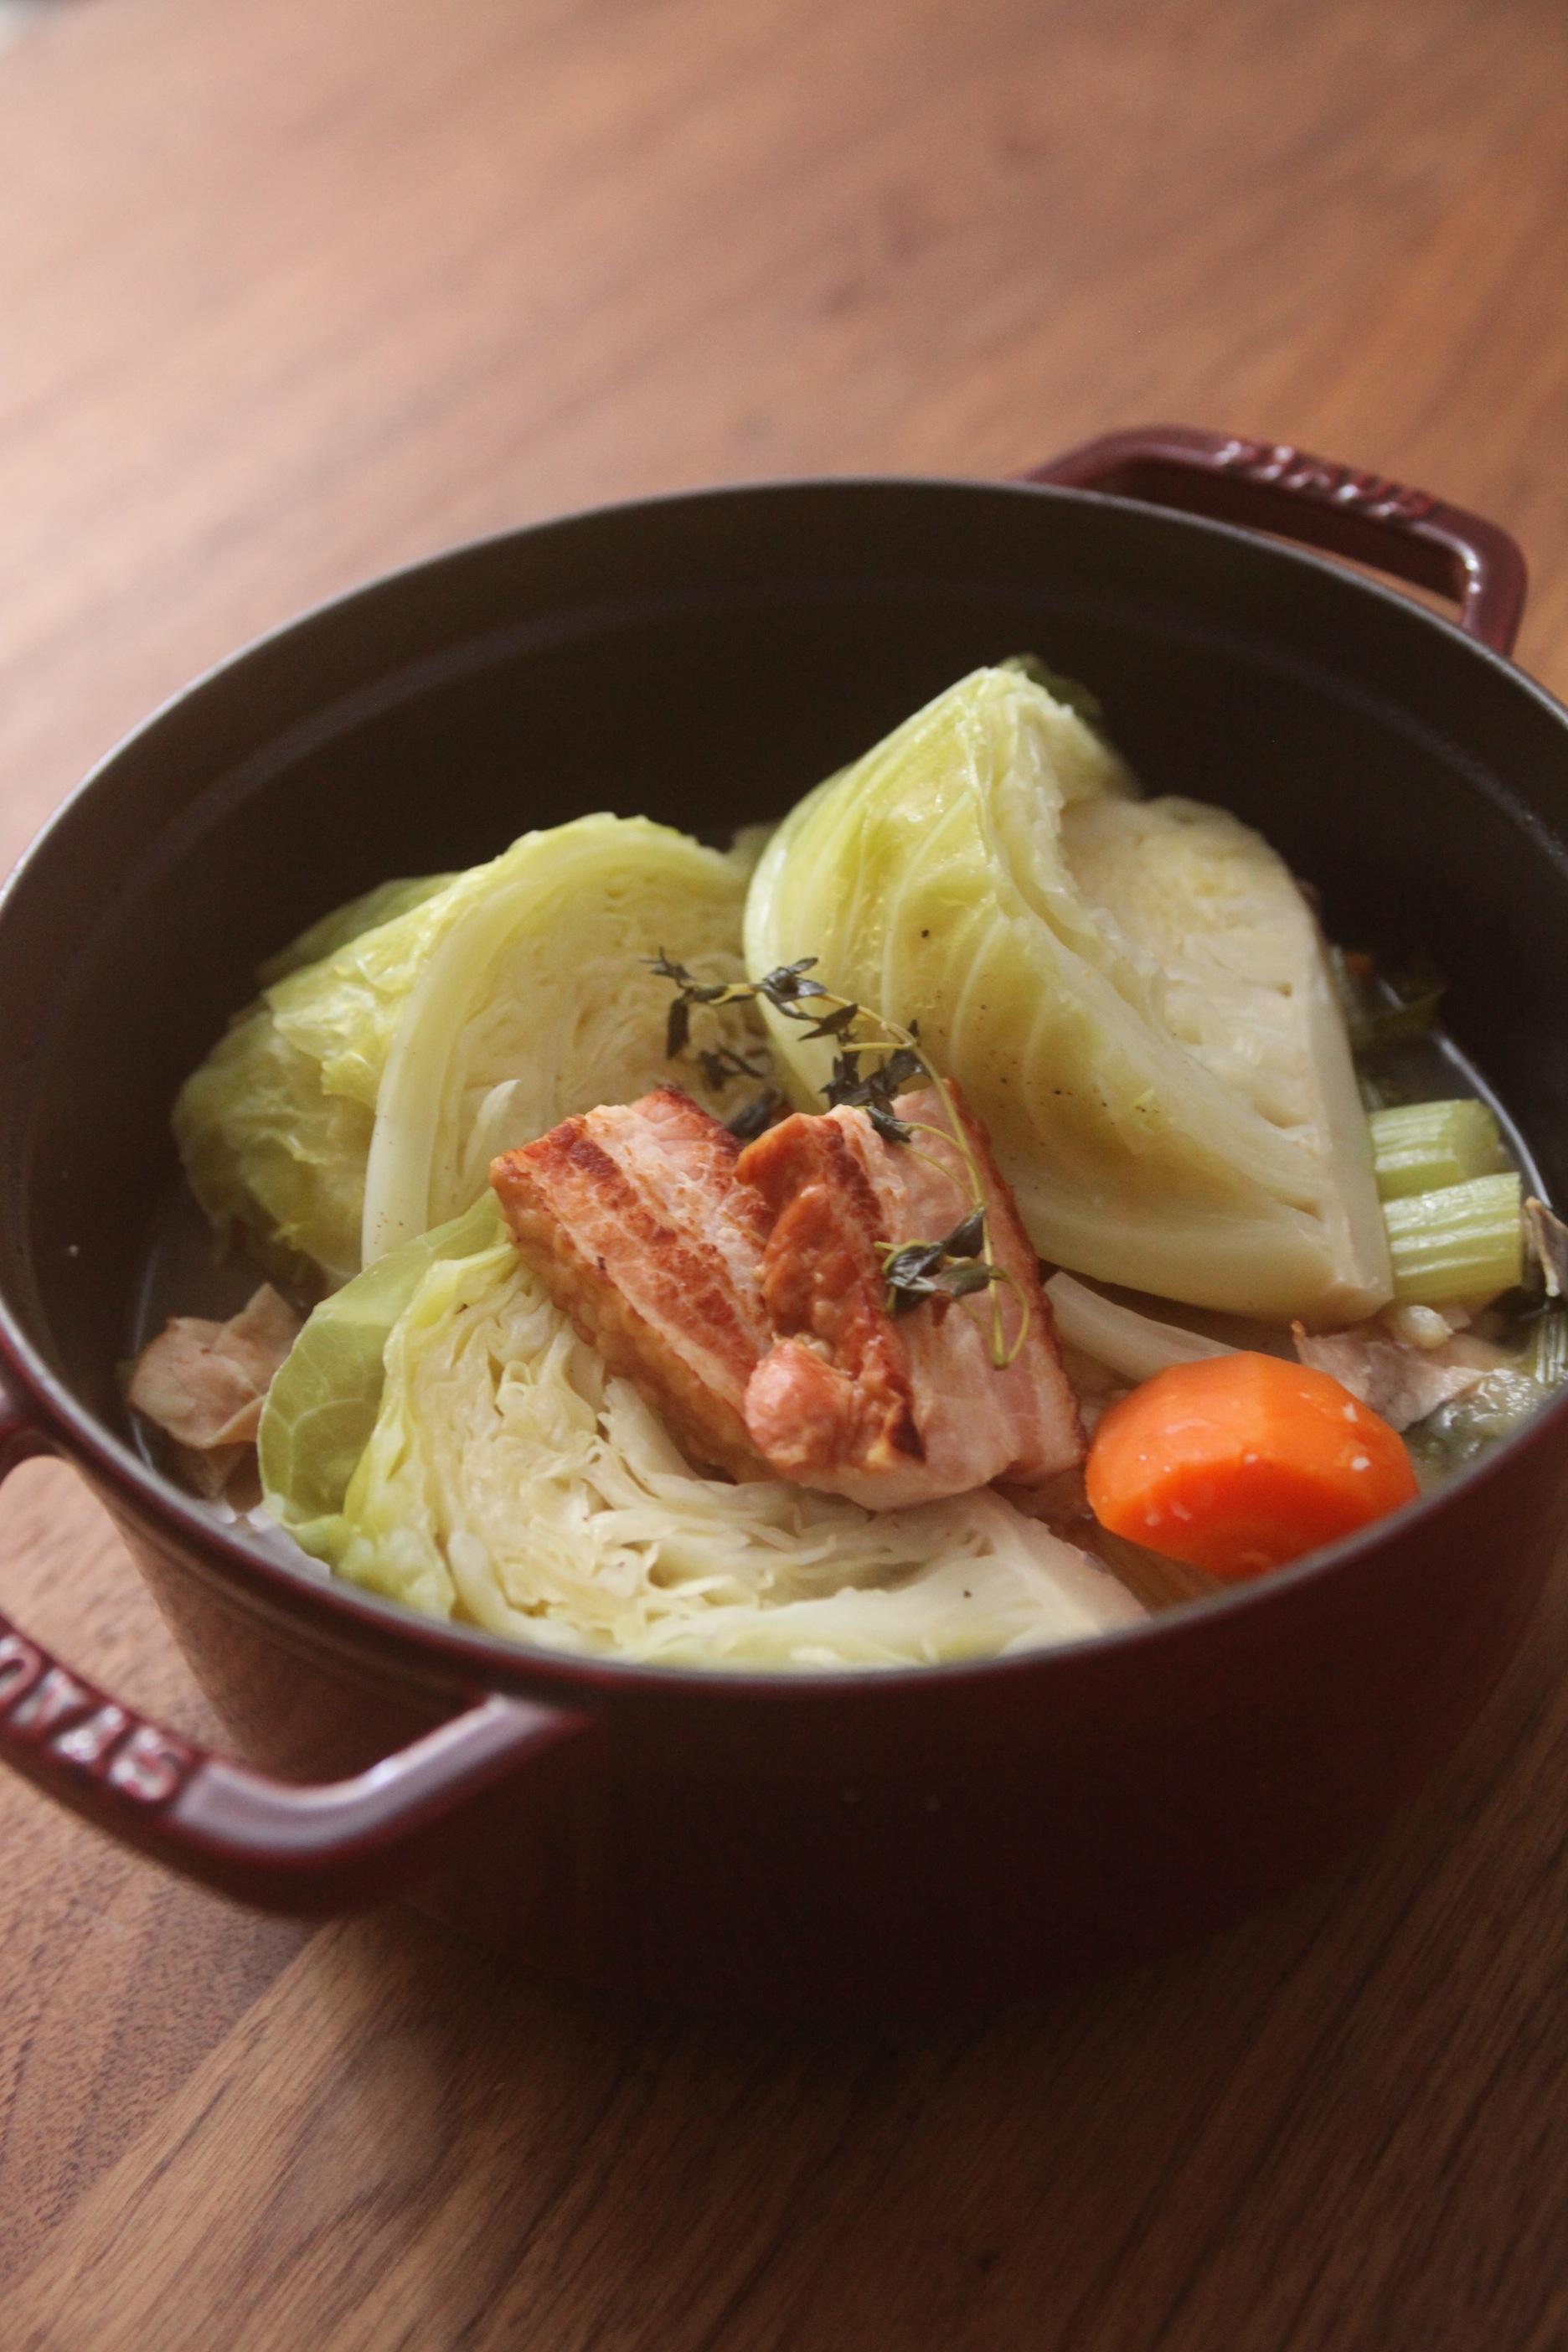 ゴロゴロ野菜と厚切りベーコンのポトフ